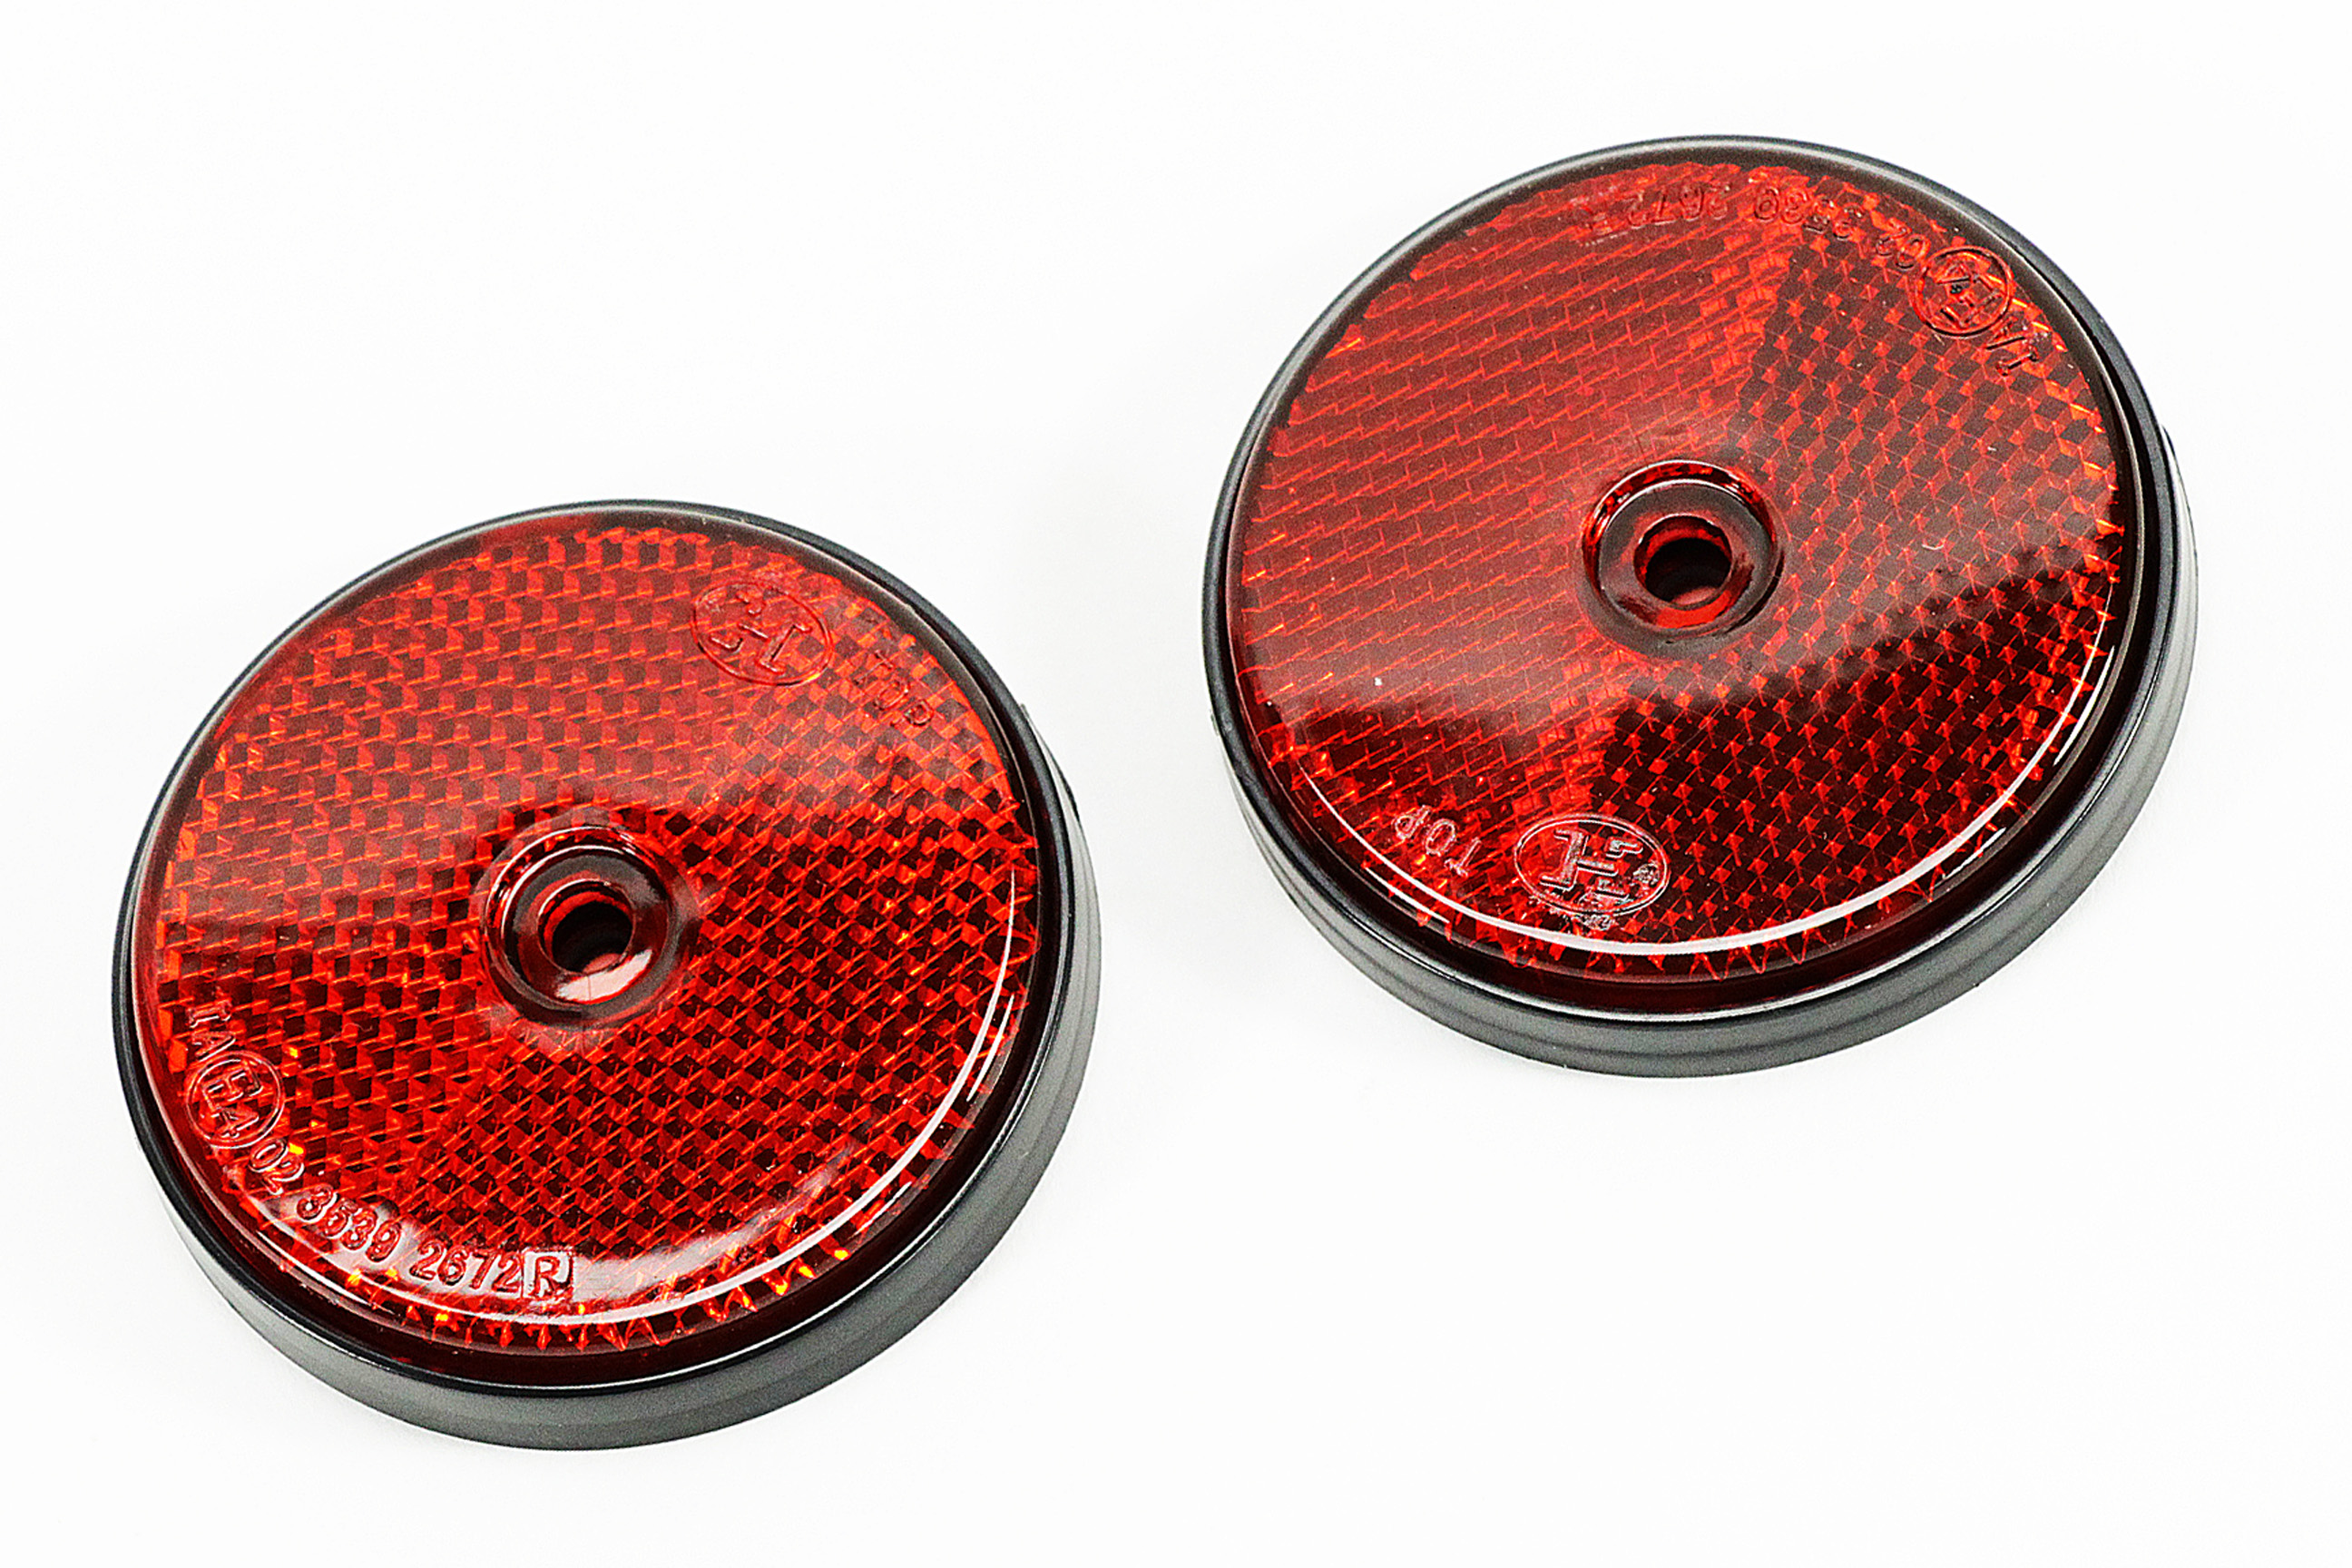 NEU 6x Katzenaugen Ø 60 mm für Auto PKW ROT Reflektoren Rückstrahler